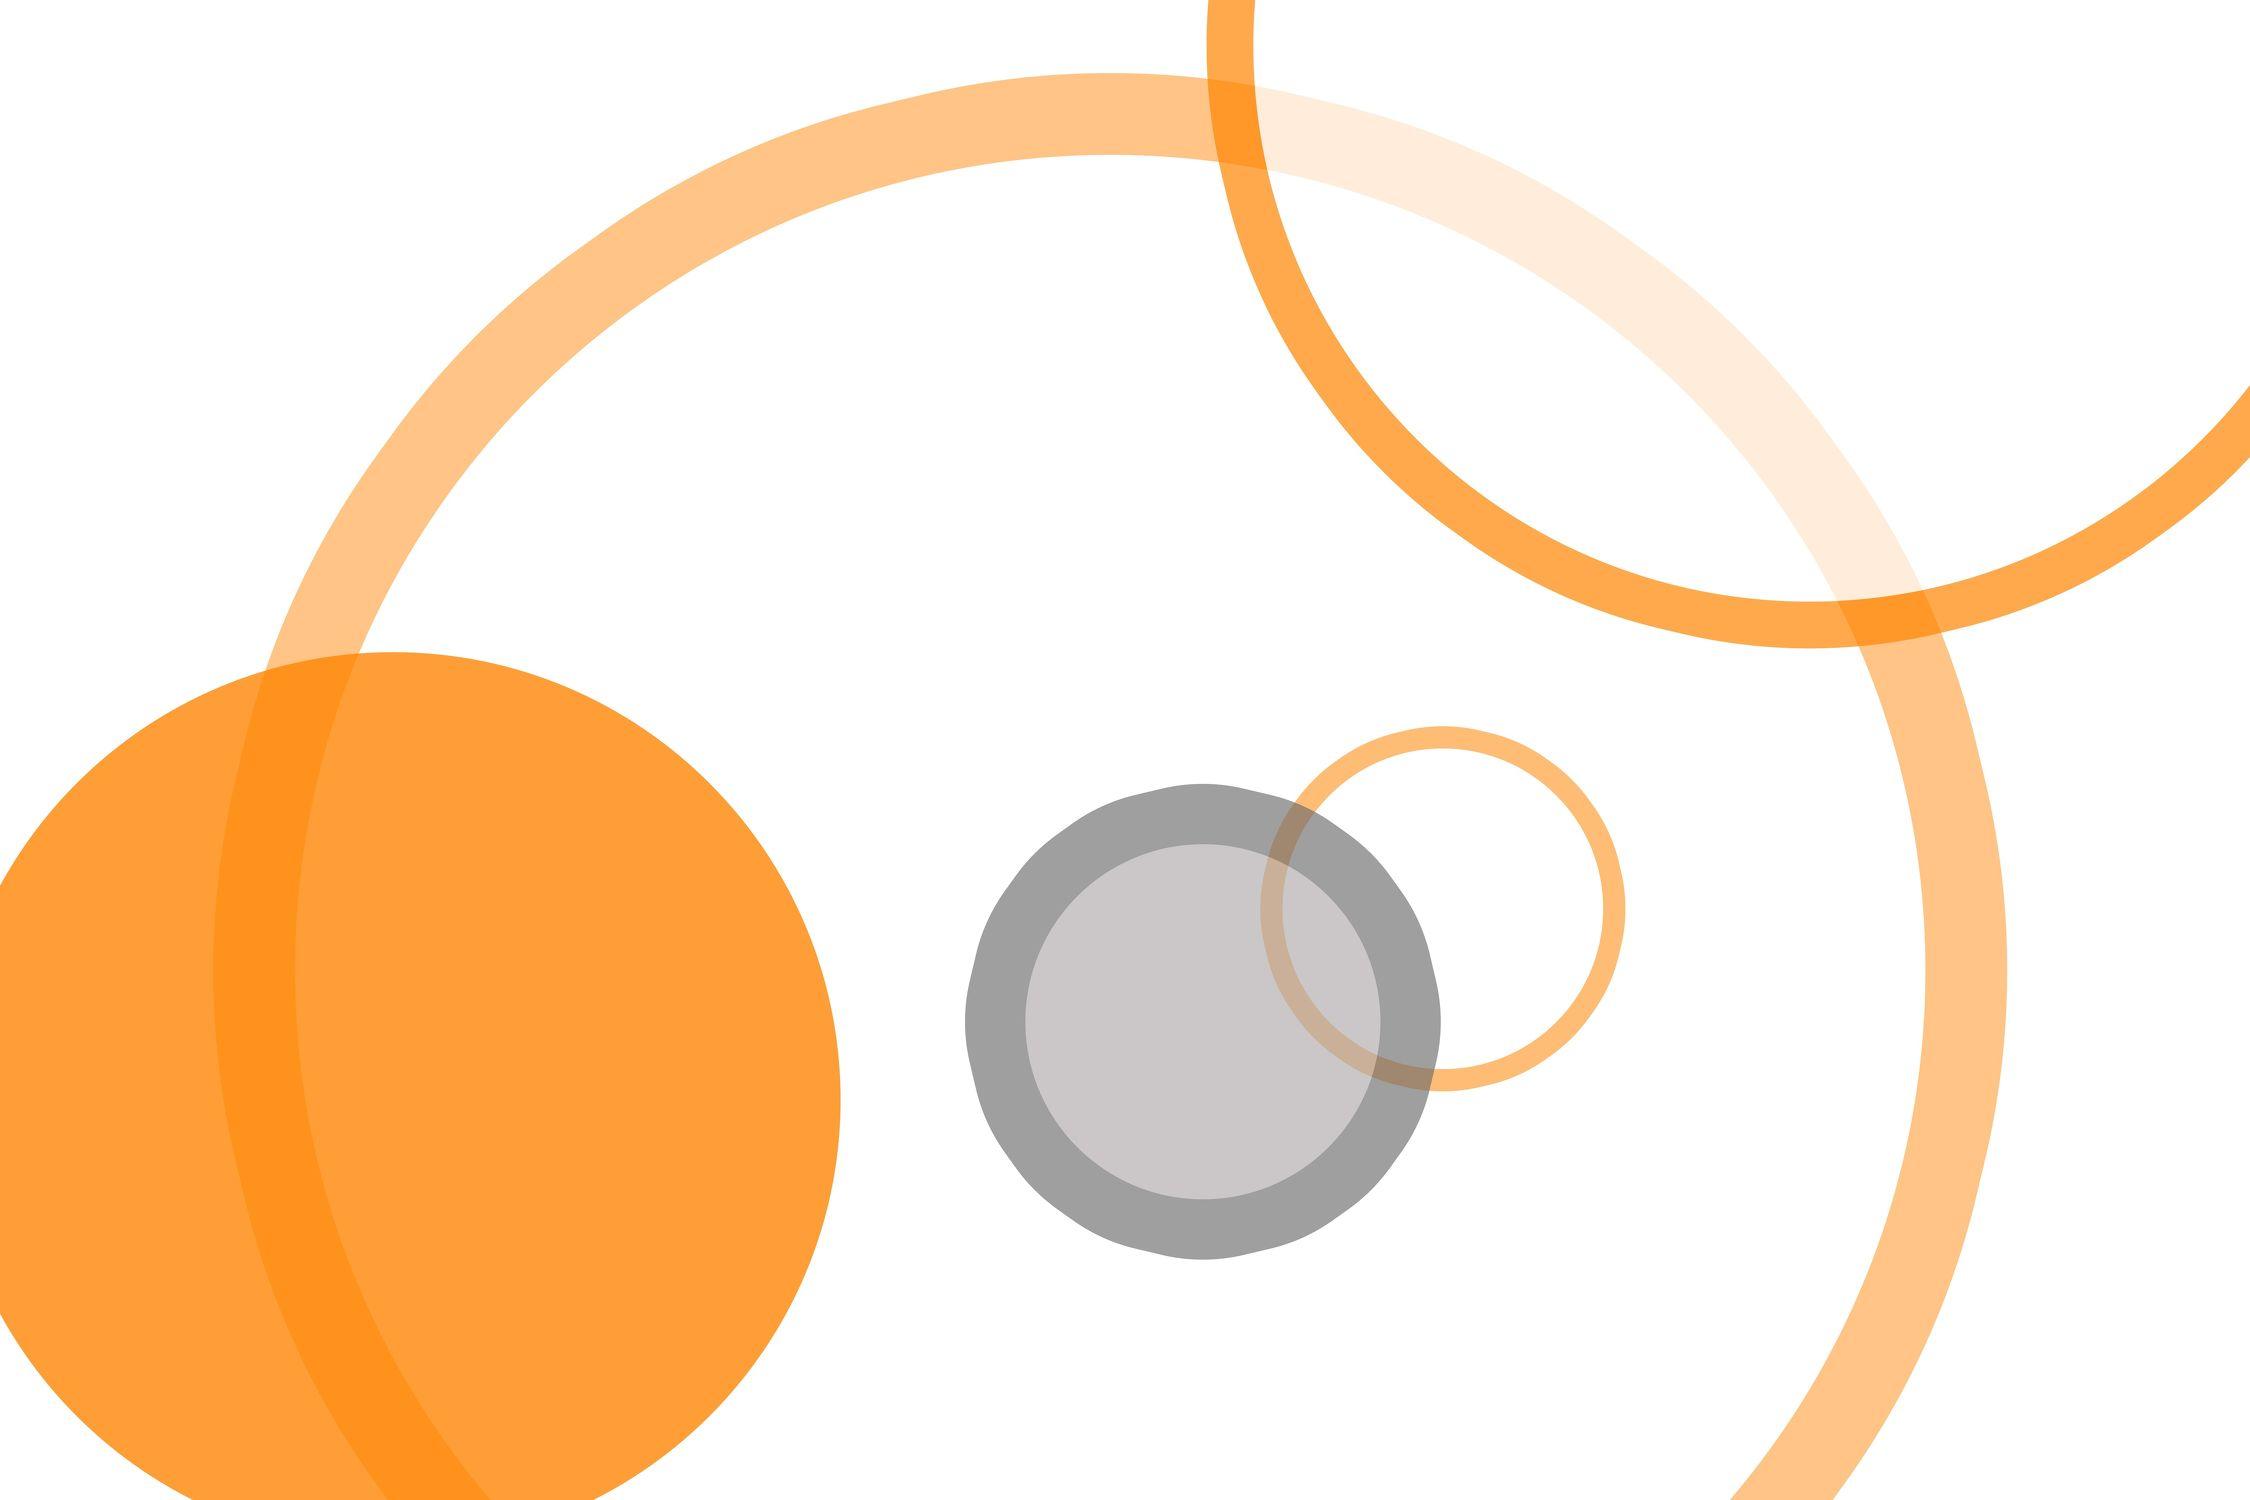 Bild mit Farben, Orange, Gelb, Abstrakt, Abstrakte Kunst, Retro, Retro Art, Retro style